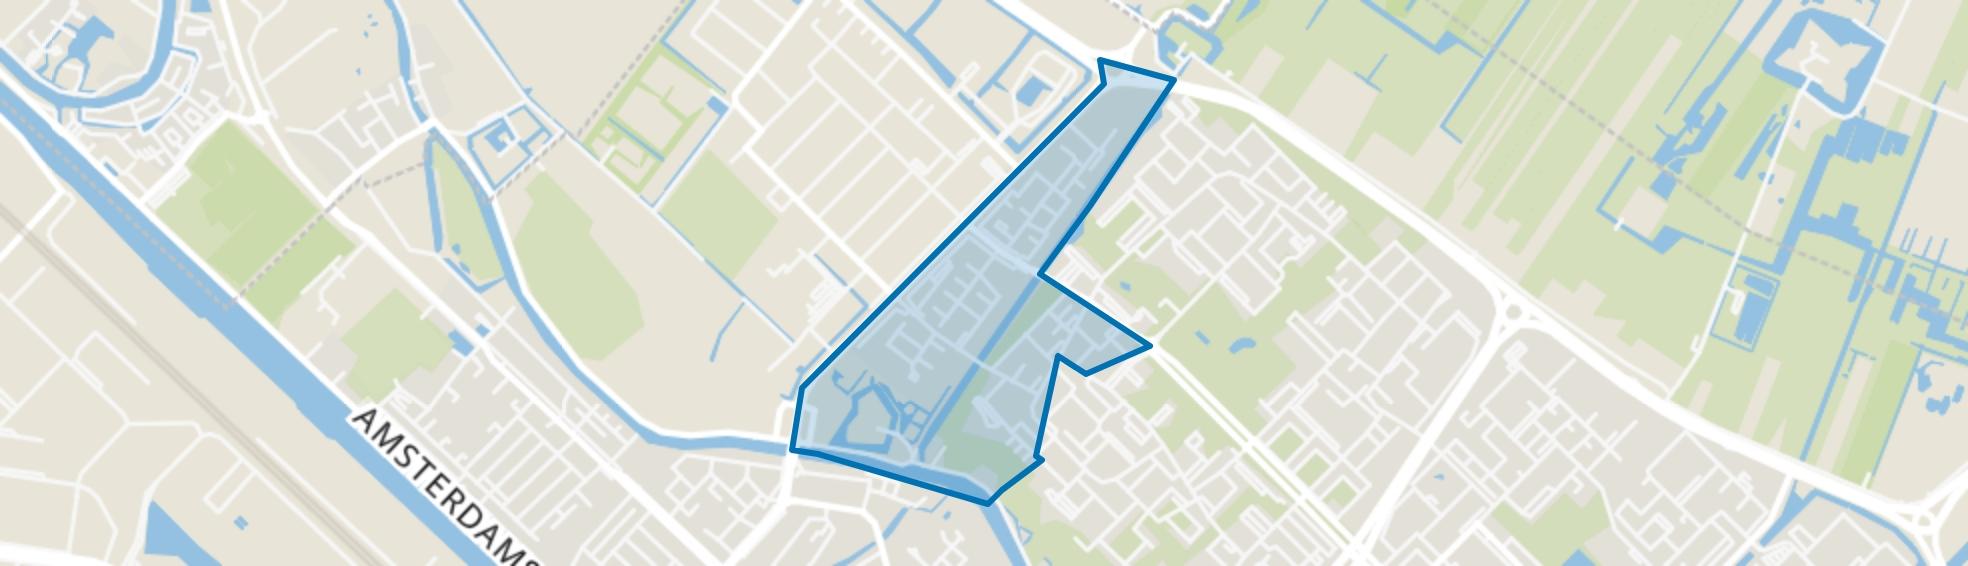 Vechtzoom-noord, Klopvaart, Utrecht map